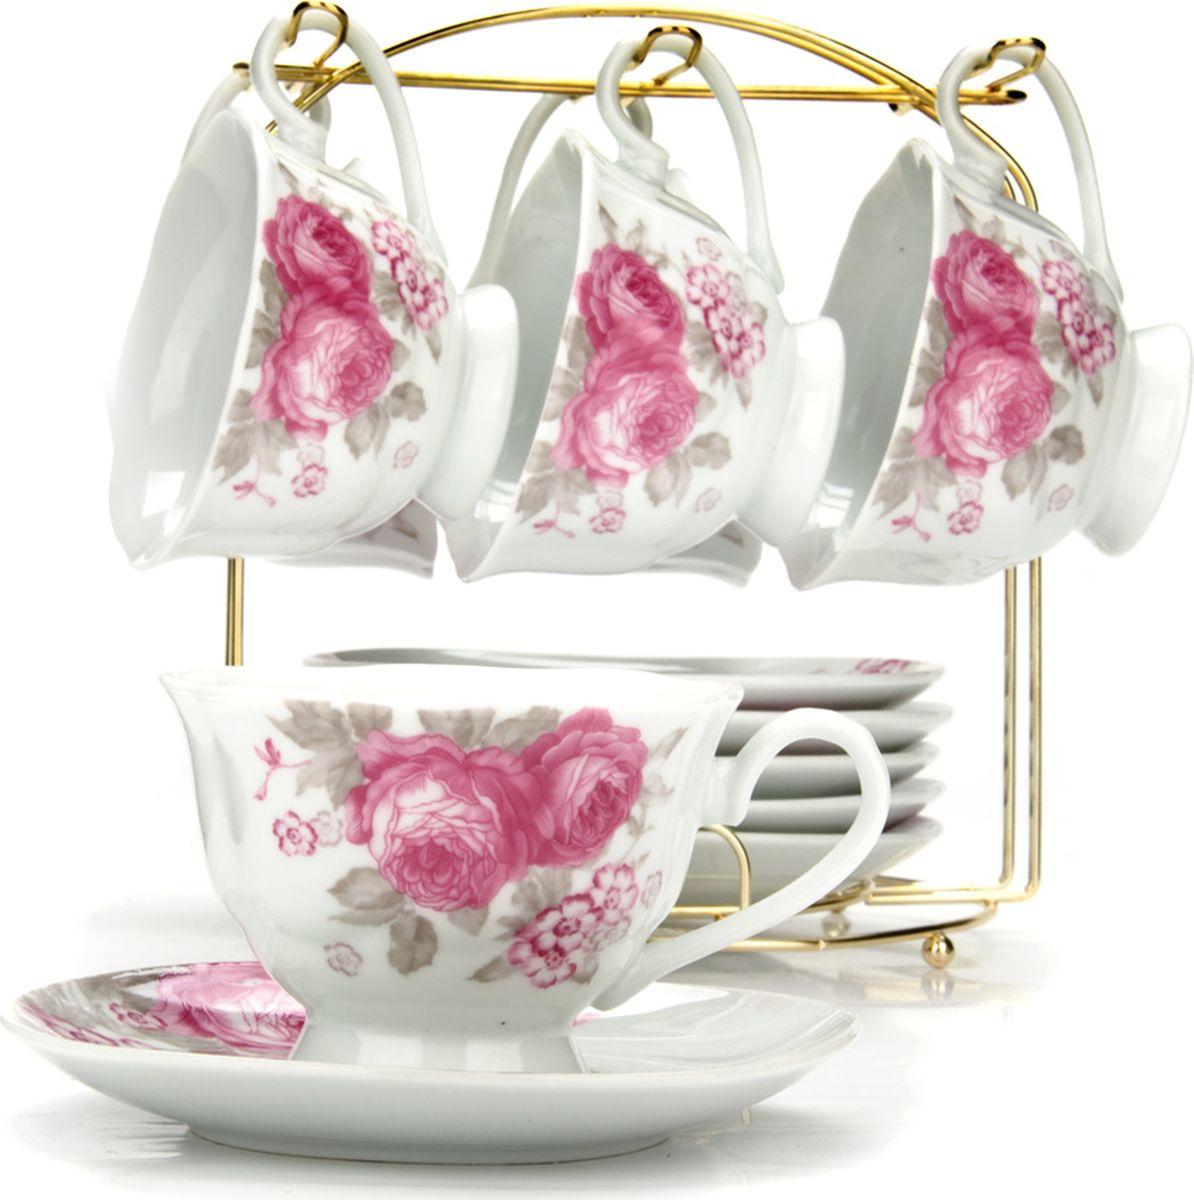 Сервиз чайный Loraine, на подставке, 13 предметов. 4329521395599Чайный набор состоит из шести чашек, шести блюдец и металлической подставки золотого цвета. Предметы набора изготовлены из качественного фарфора и оформлены красочным цветным рисунком. Чайный набор идеально подойдет для сервировки стола и станет отличным подарком к любому празднику. Все изделия можно компактно хранить на подставке, входящей в набор. Подходит для мытья в посудомоечной машине.Диаметр чашки: 9,5 см.Высота чашки: 6,5 см.Объем чашки: 180 мл.Диаметр блюдца: 14 см.